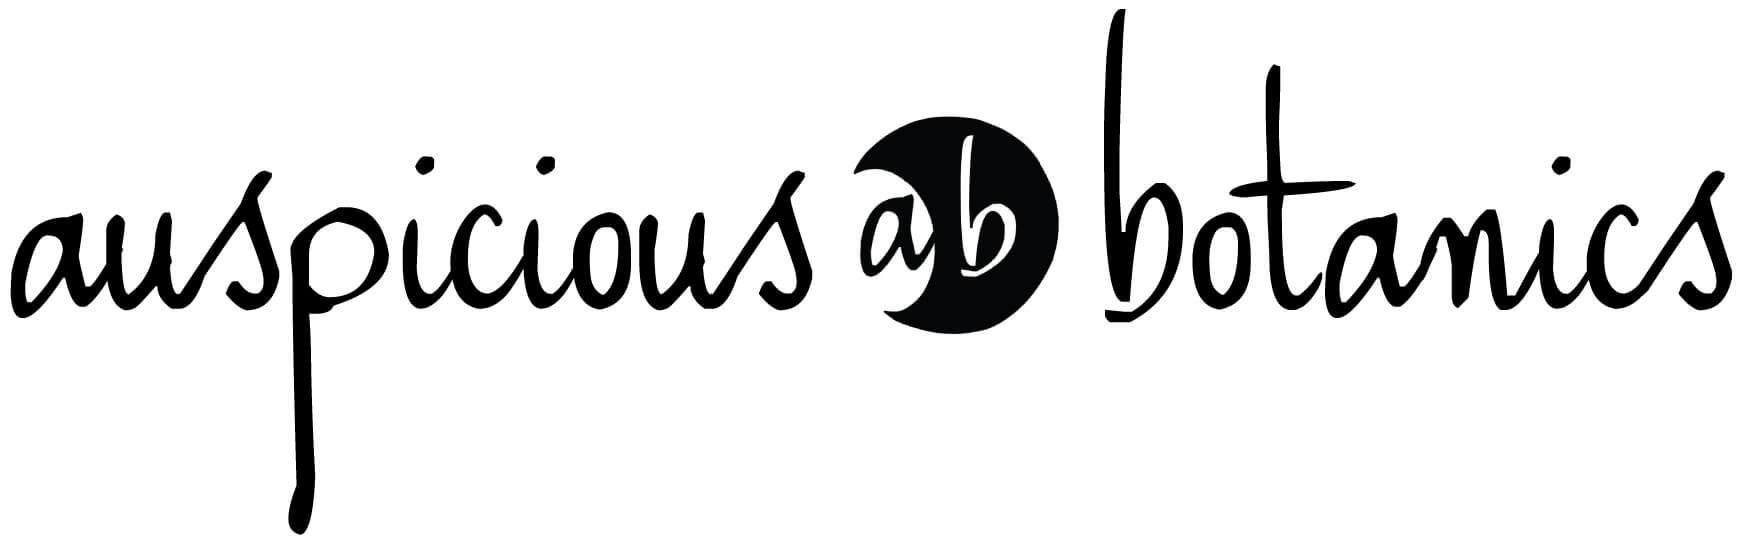 auspicious_blends_logo_fullname_large-1.jpg